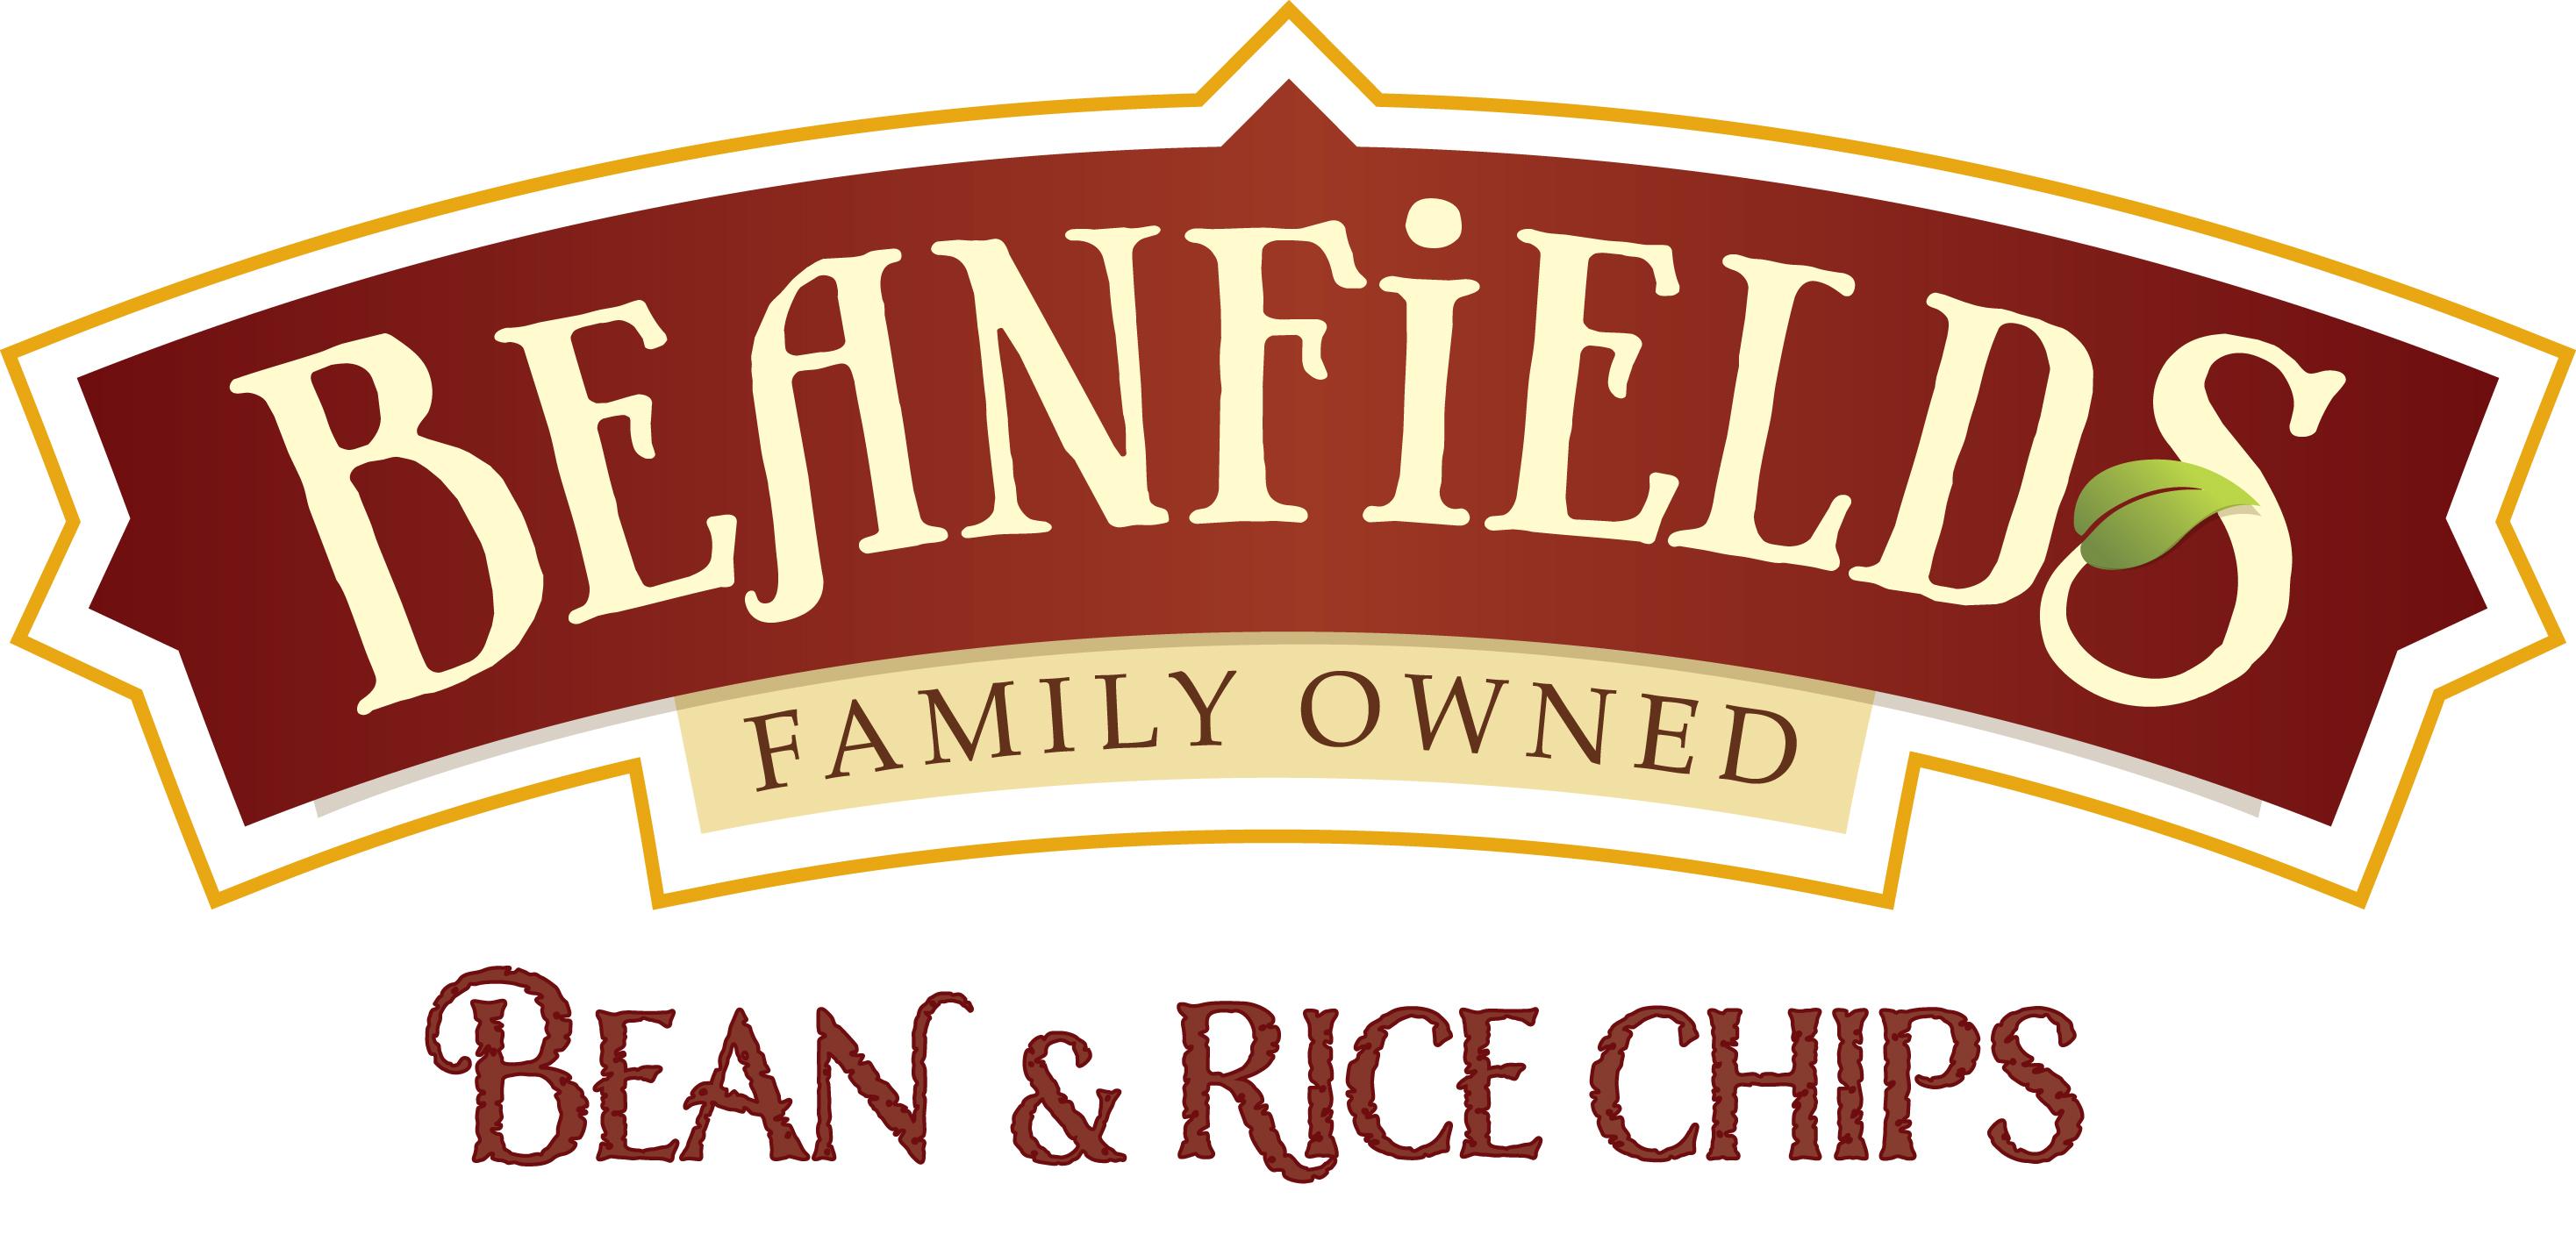 Beanfield's